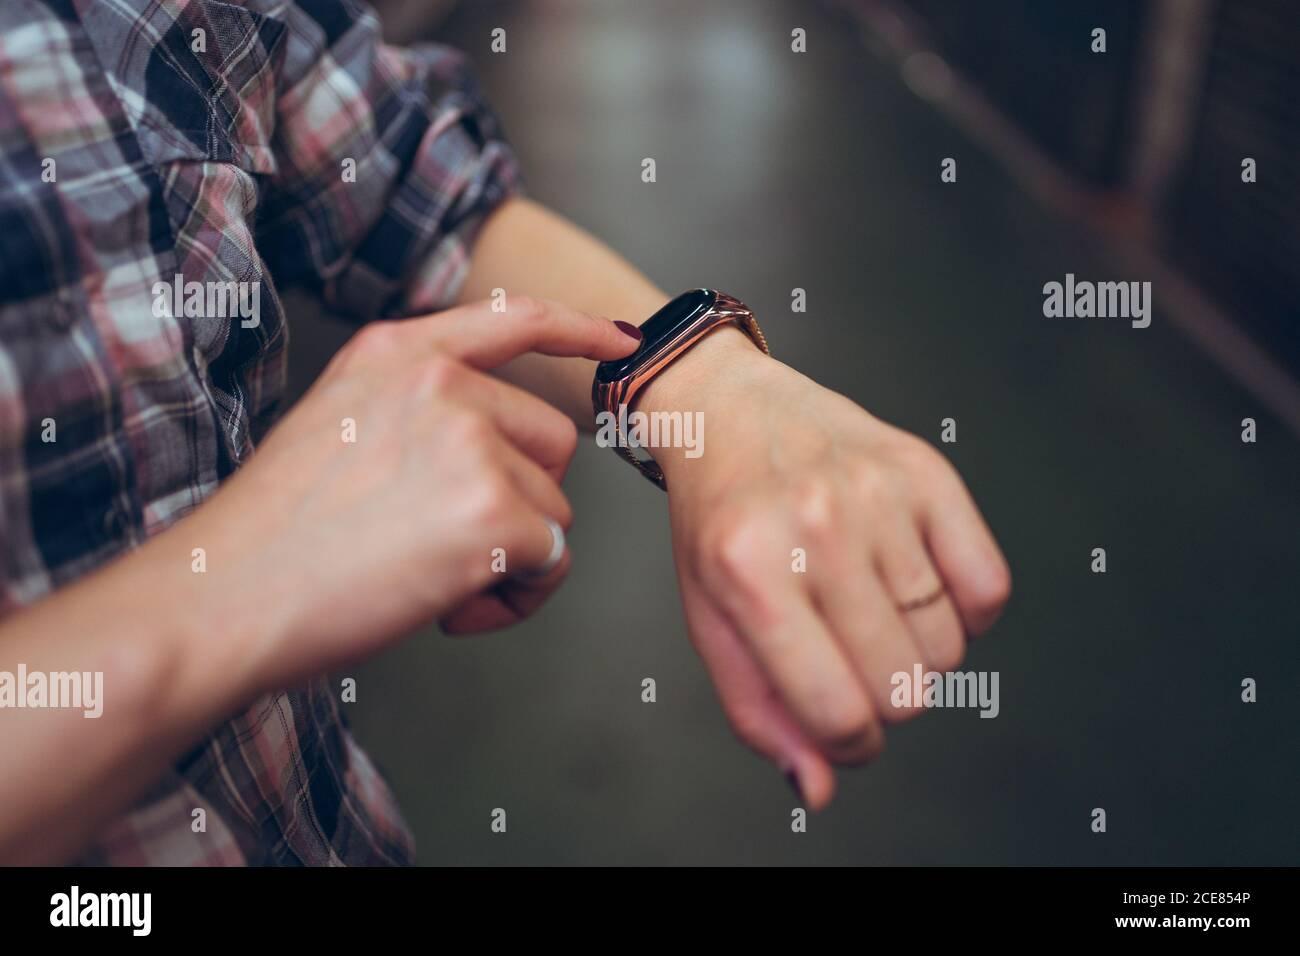 Vista lateral de la cosecha mujer anónima en camisa casual de cuadros comprobación de la hora en la pulsera inteligente Foto de stock